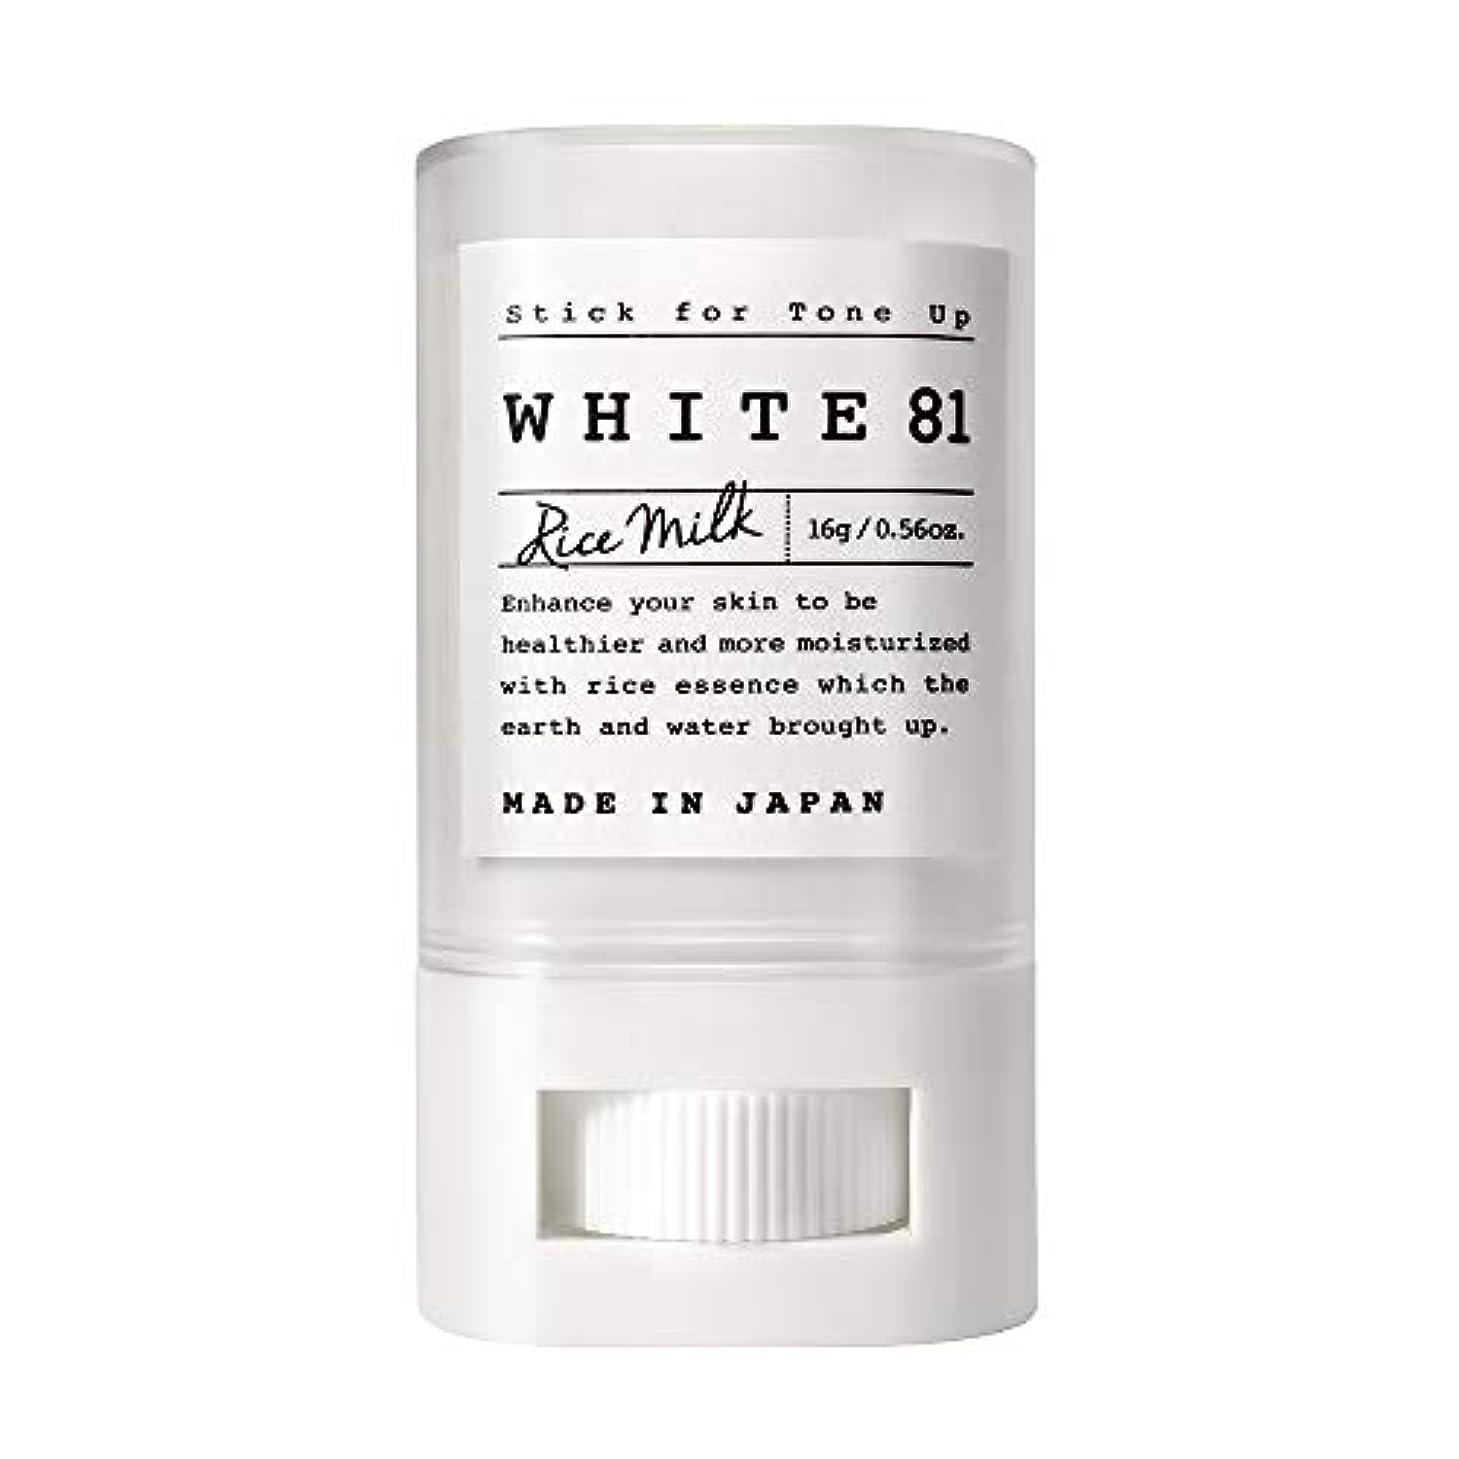 更新する撃退するカールWHITE81 ホワイト81 トーンアップスティック(化粧下地?日焼け止め / SPF35?PA+++?ウォータープルーフ?複合保湿成分配合?肌に優しい6種のフリー / 日本製)